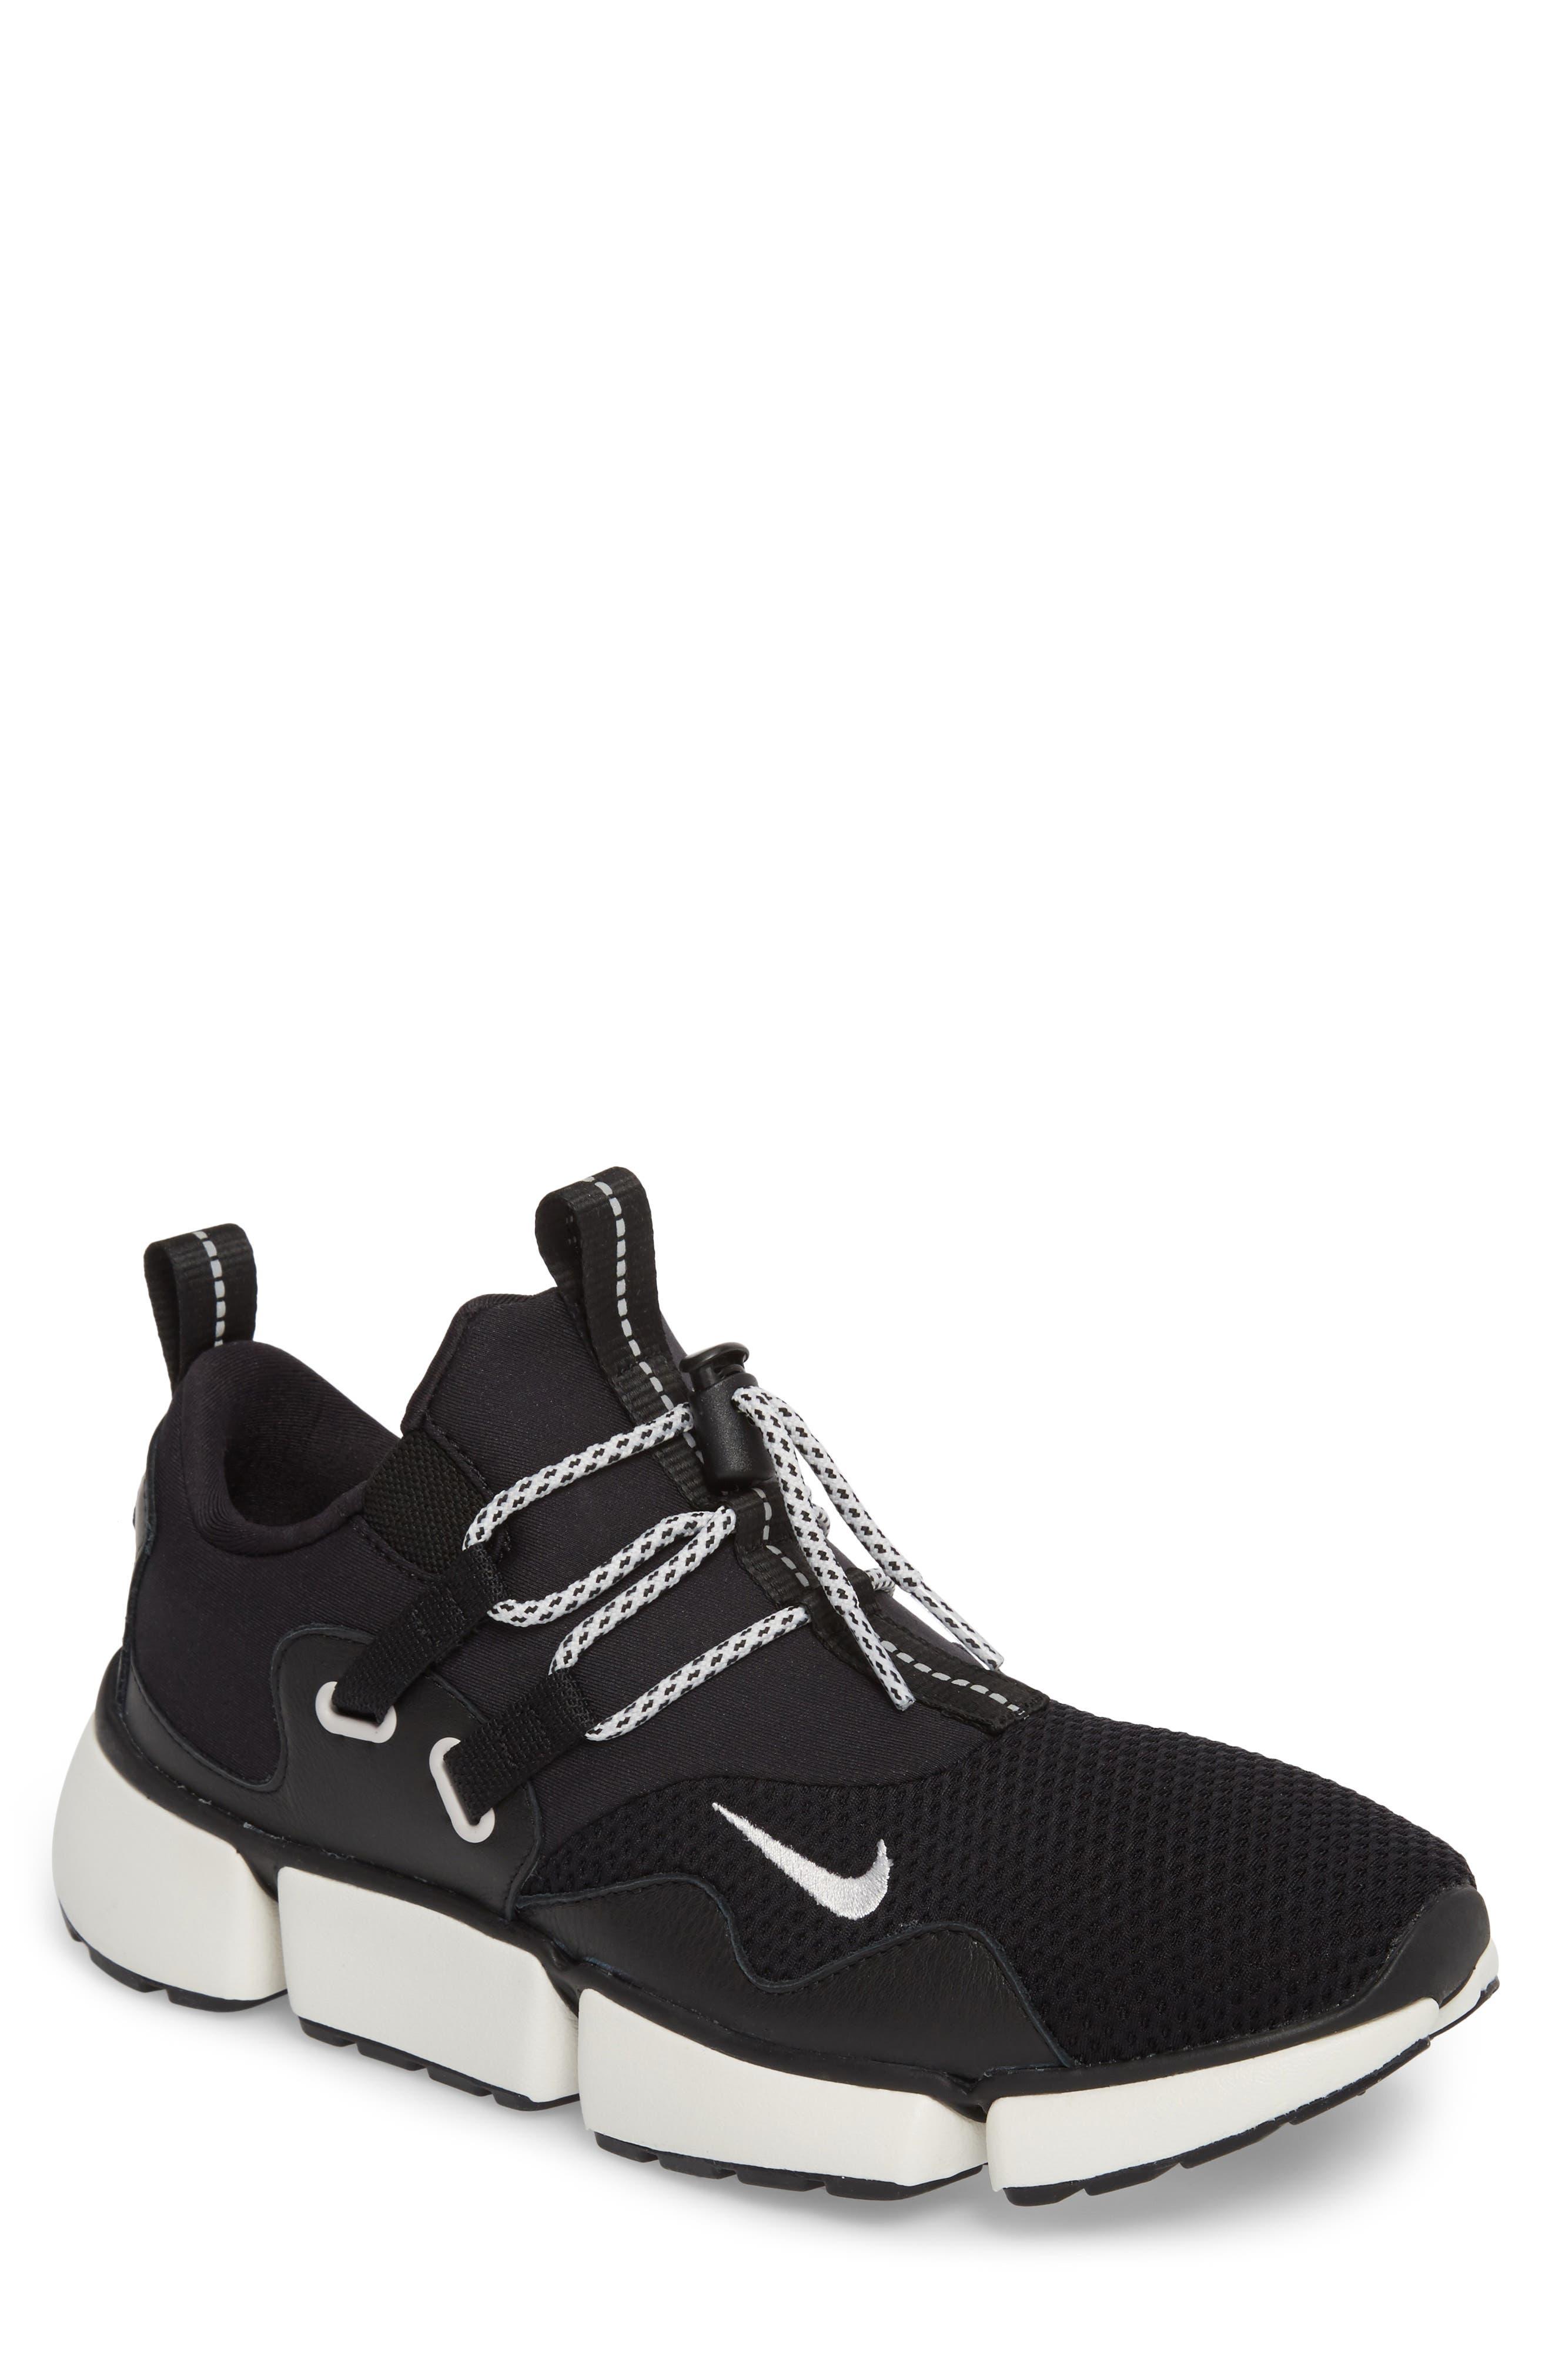 Pocket Knife DM Sneaker,                         Main,                         color, Black/ Vast Grey/ Sail